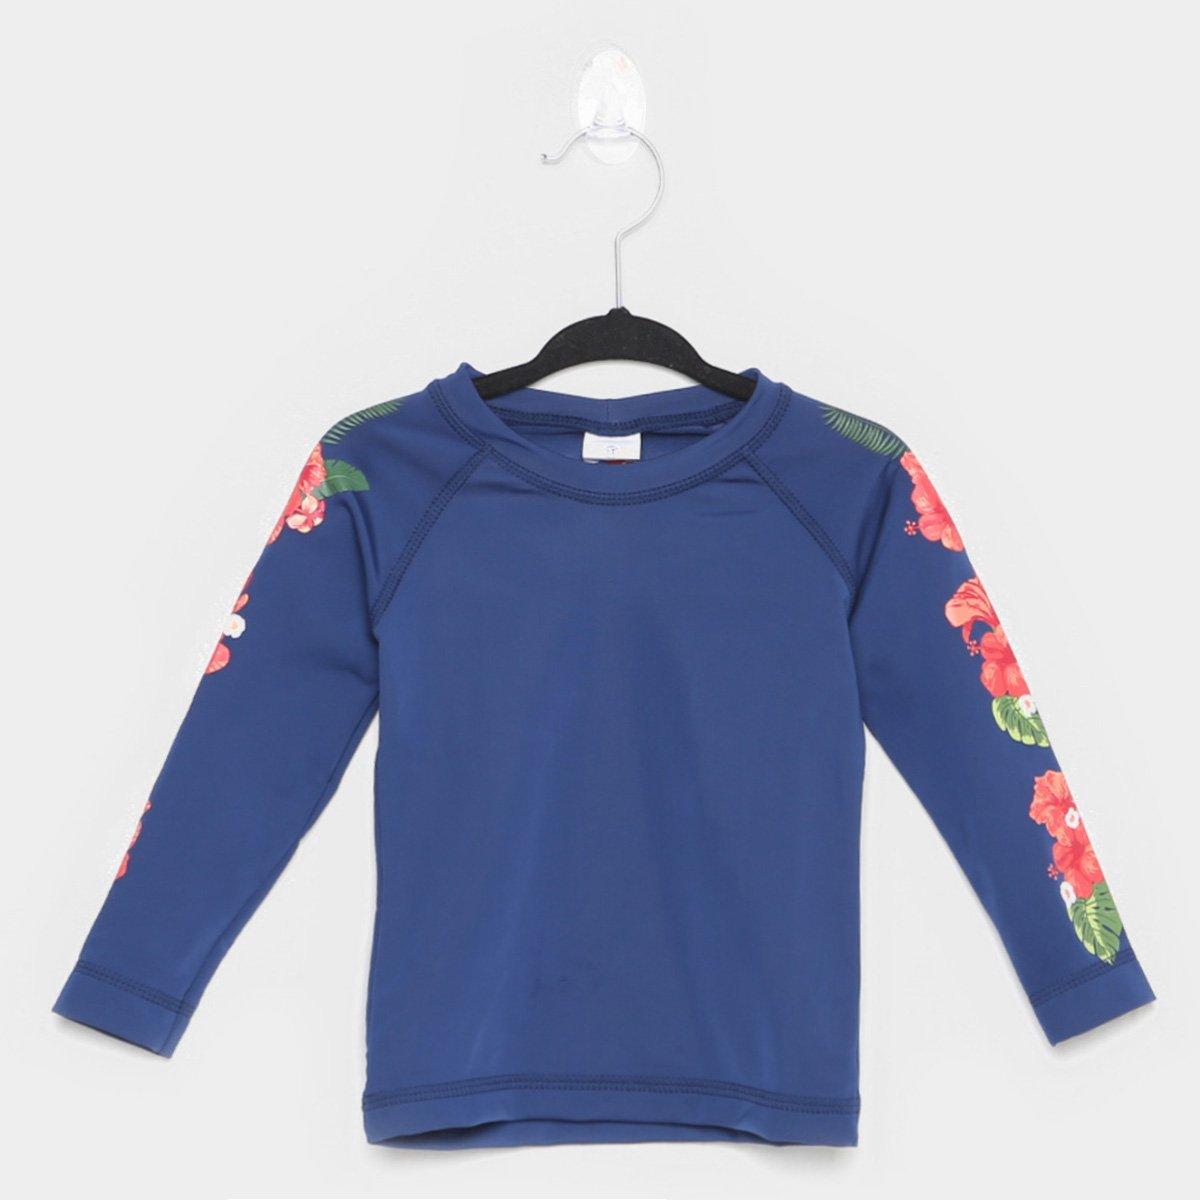 Camiseta Bebê Tip Top Praia Lisa Manga Longa Feminina